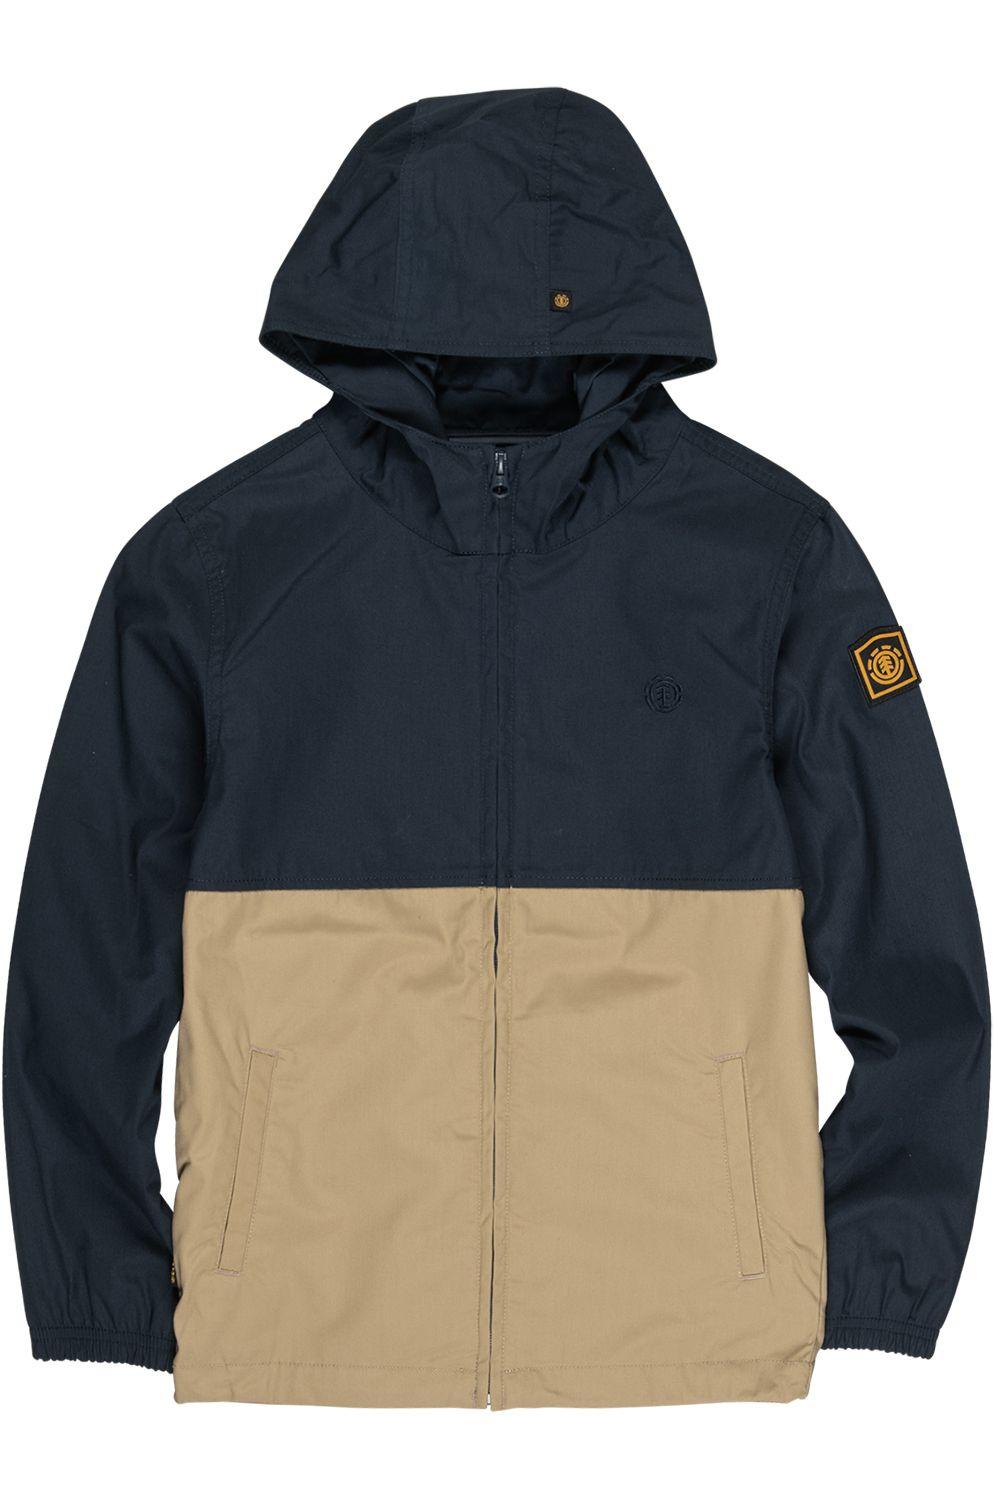 Element Jacket ALDER LIGHT 2TONES BOY WOLFEBORO Eclipse Navy